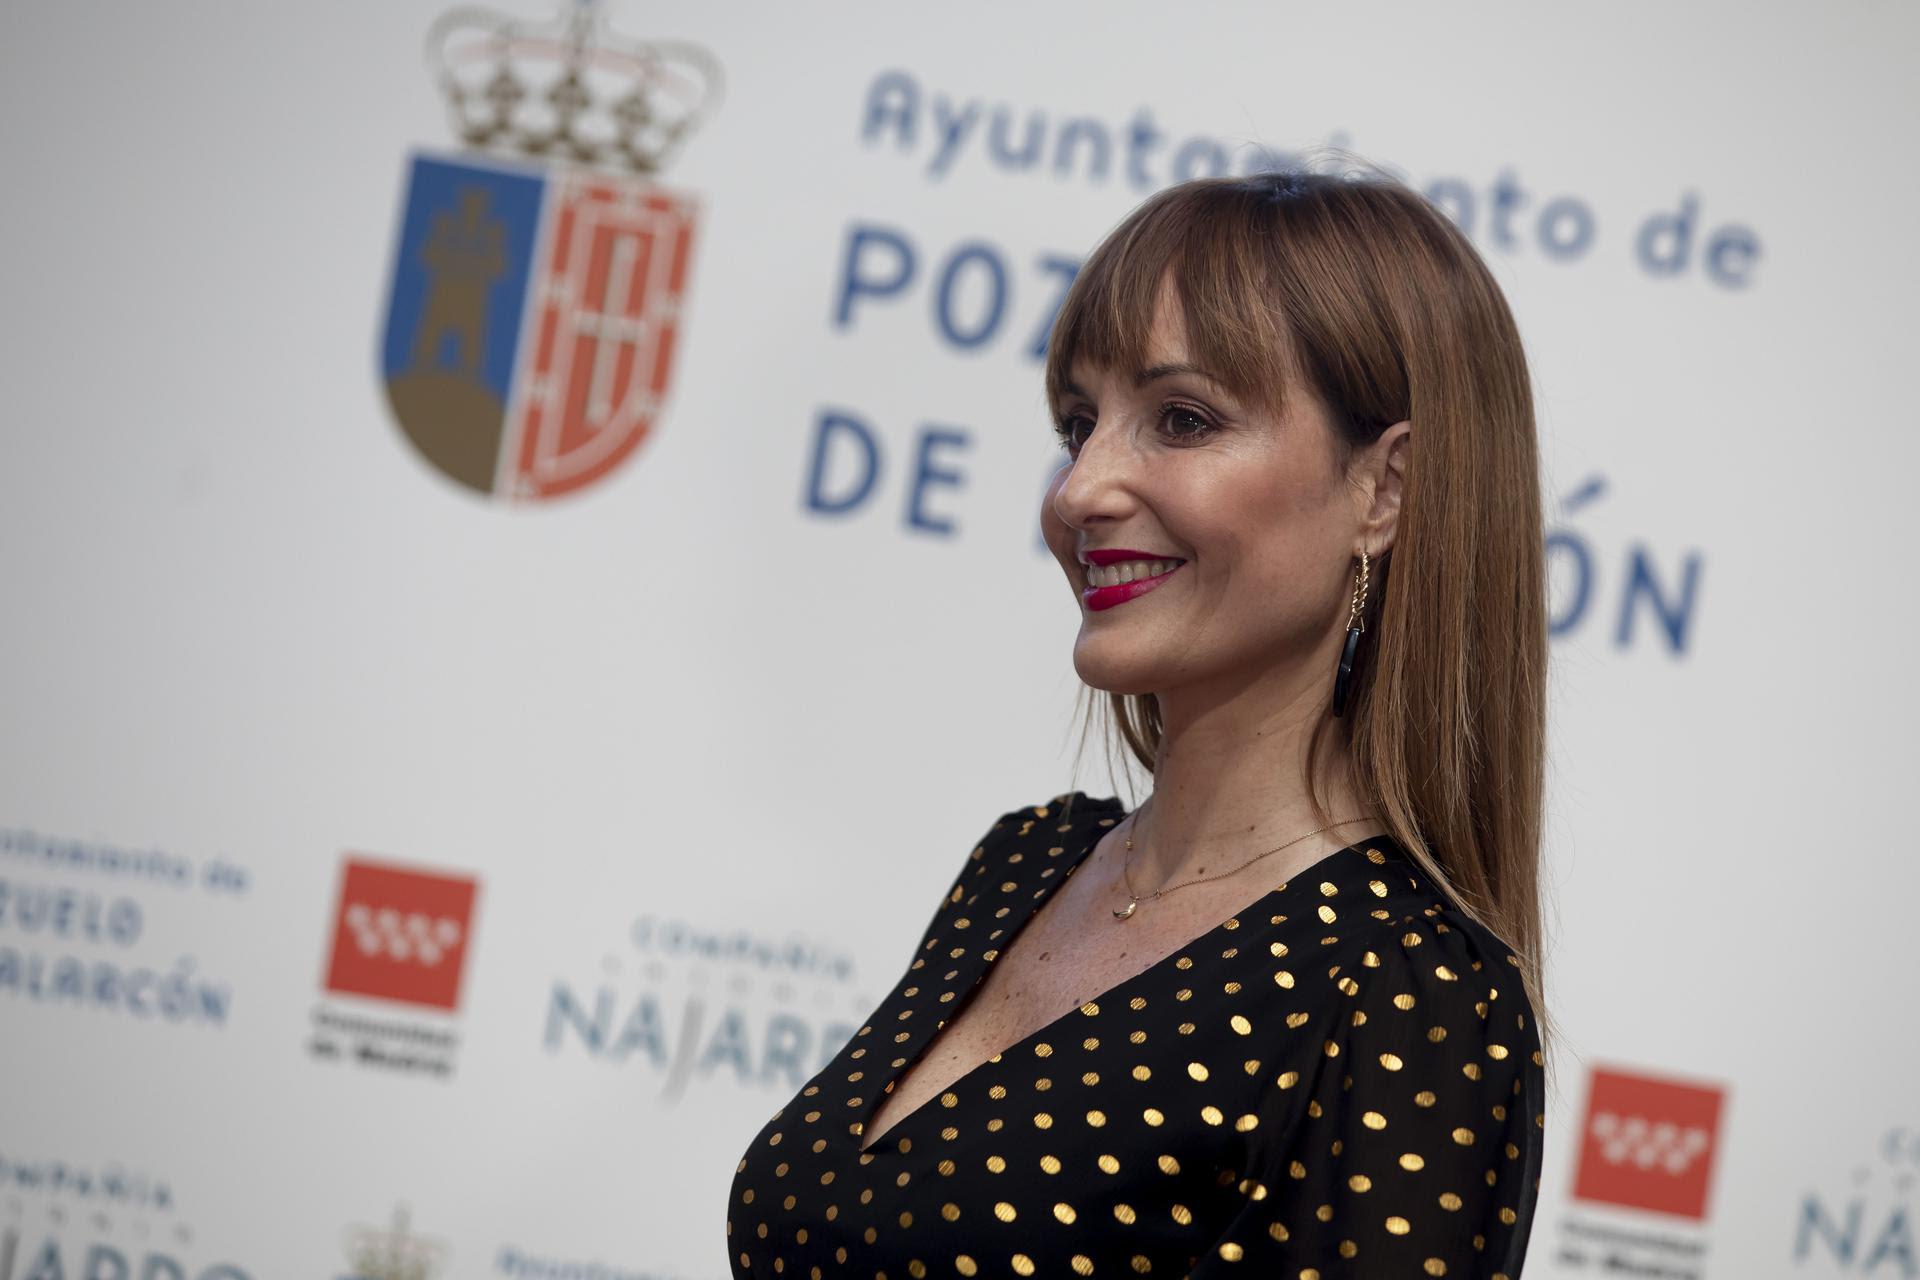 Laura Ferrer